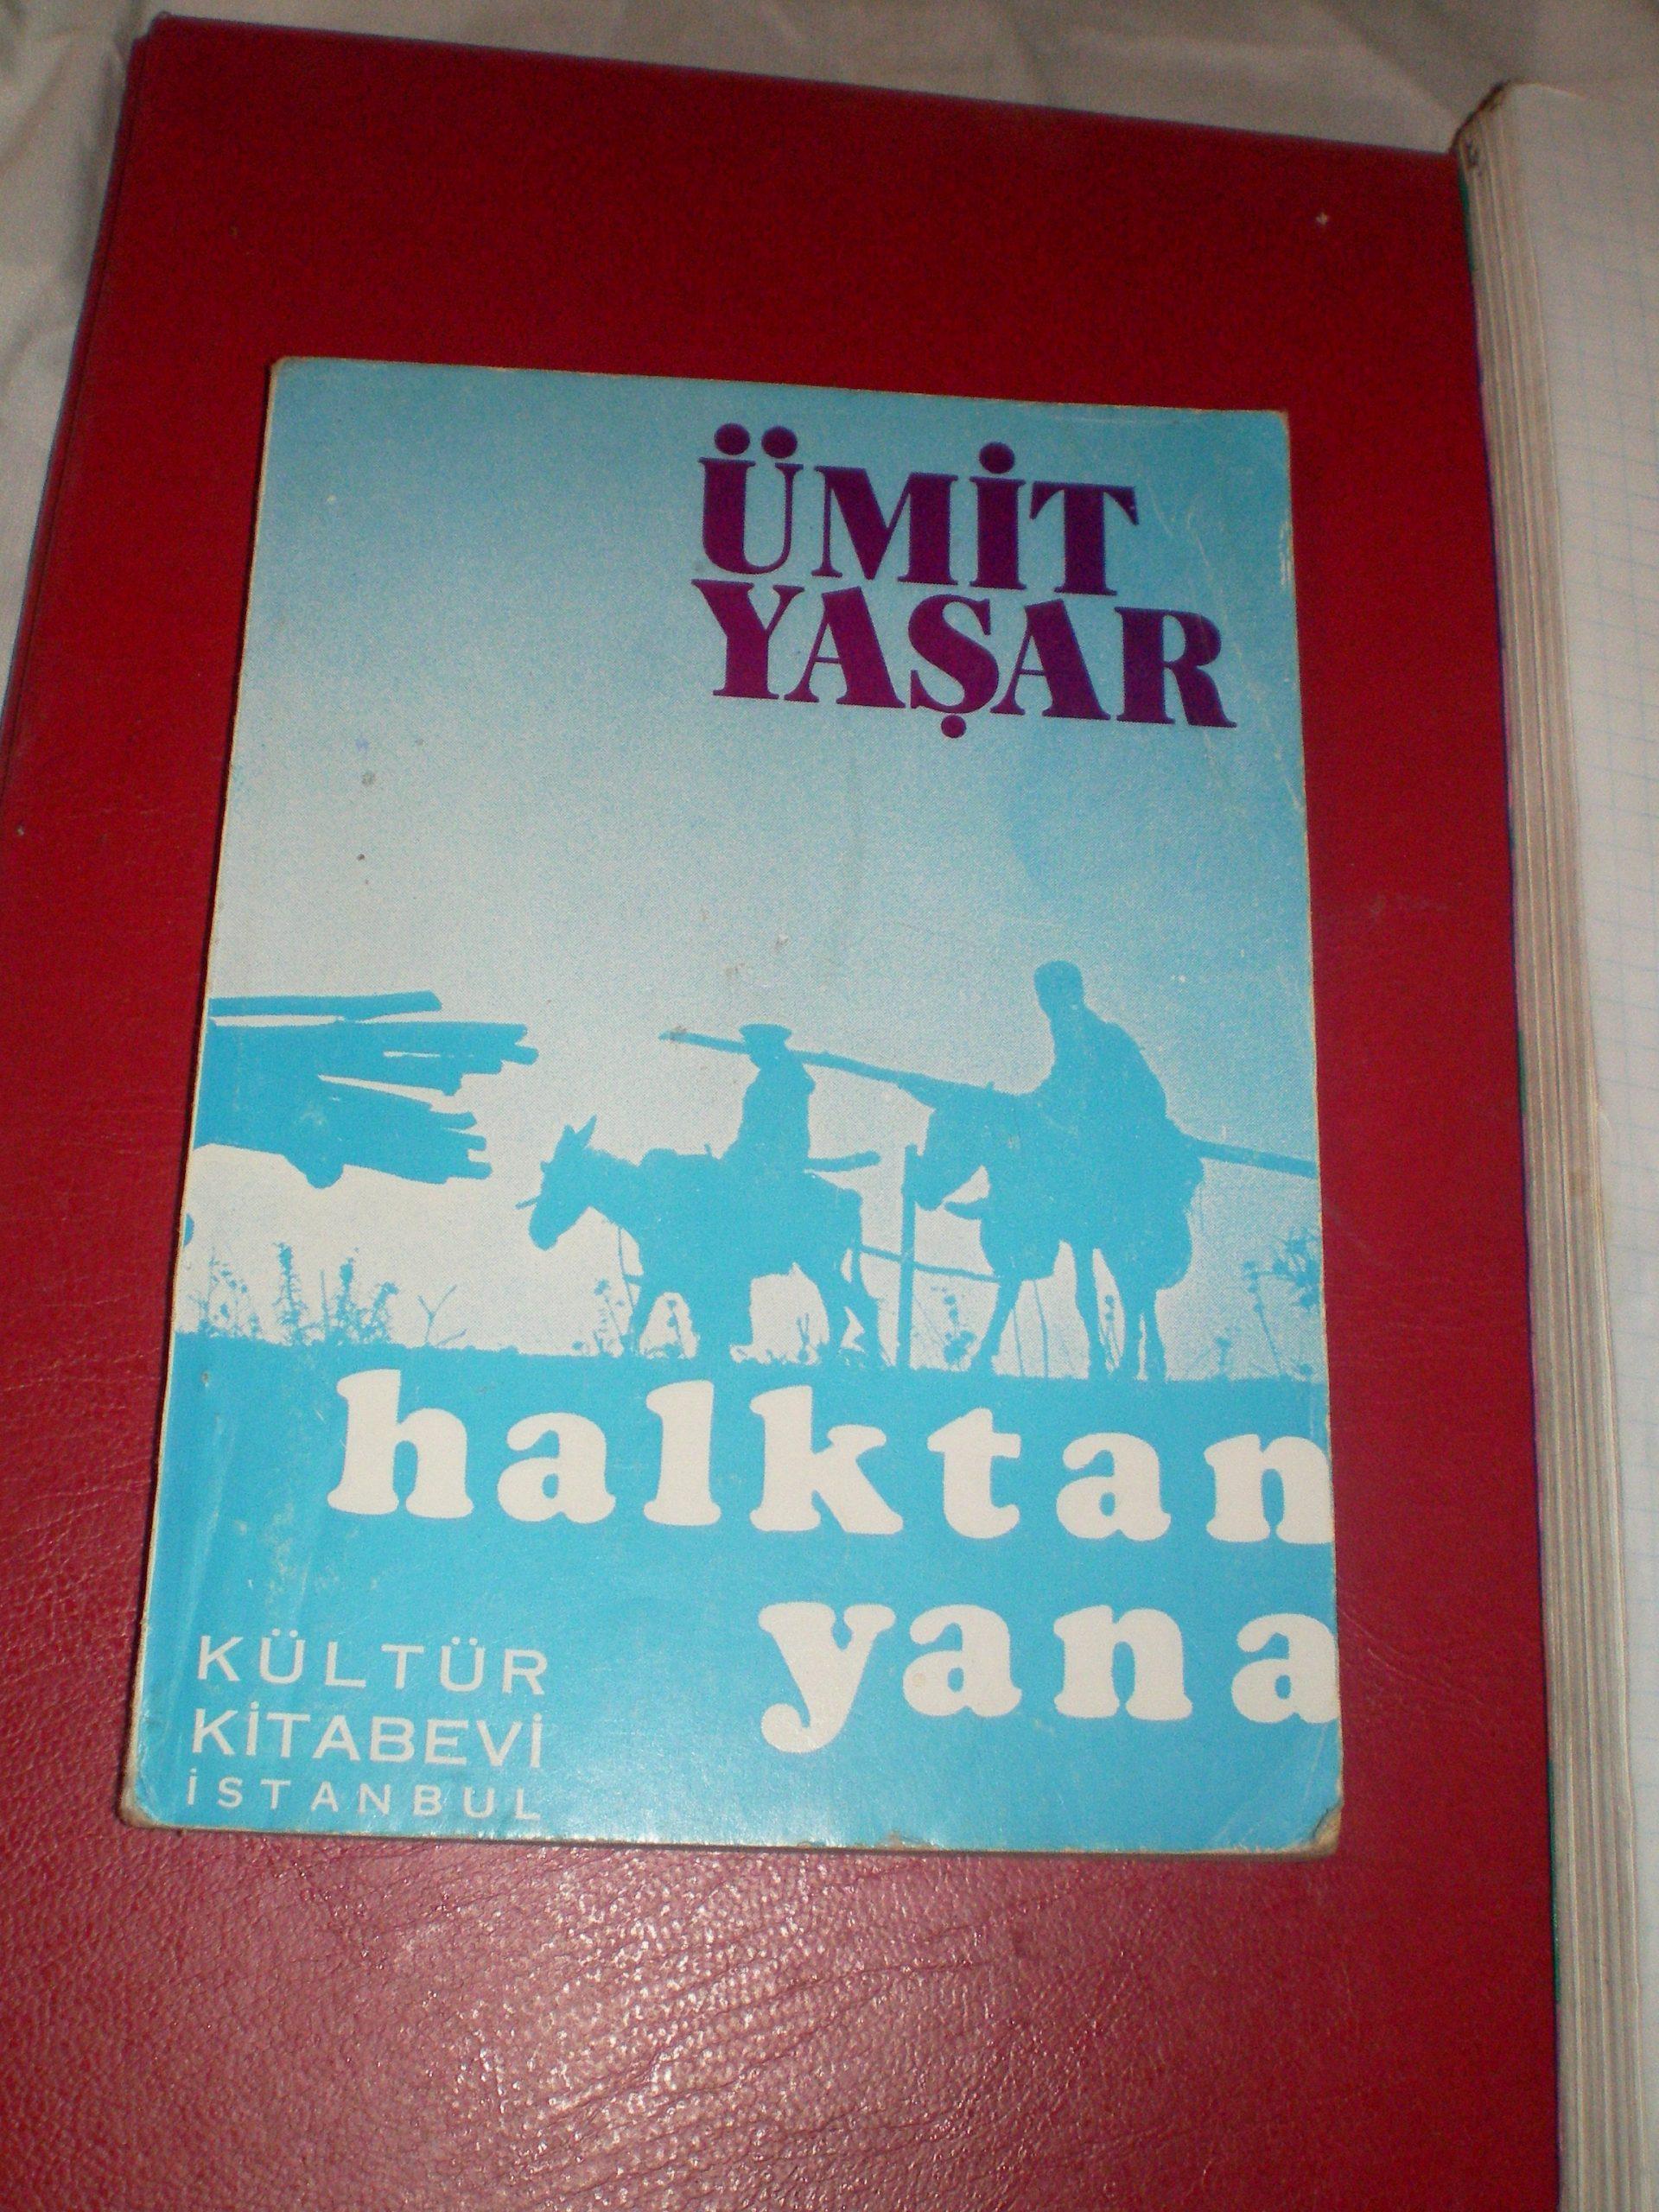 HALKTAN YANA/Ümit Yaşar OĞUZCAN/10 TL